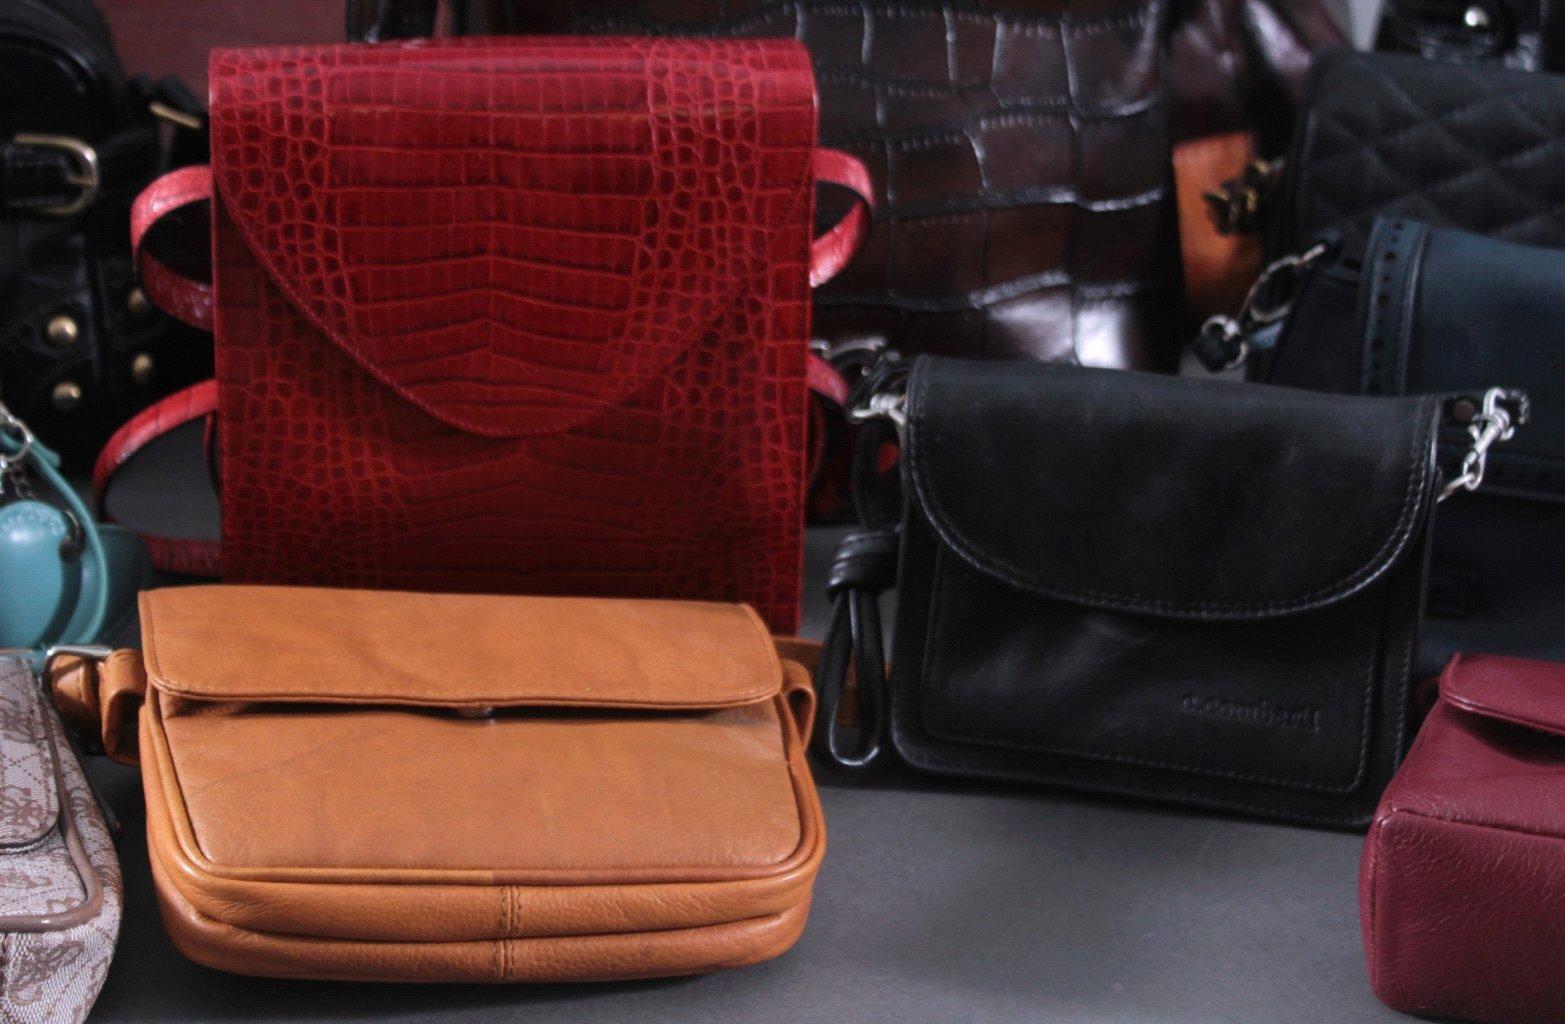 Handtaschen Konvolut-2